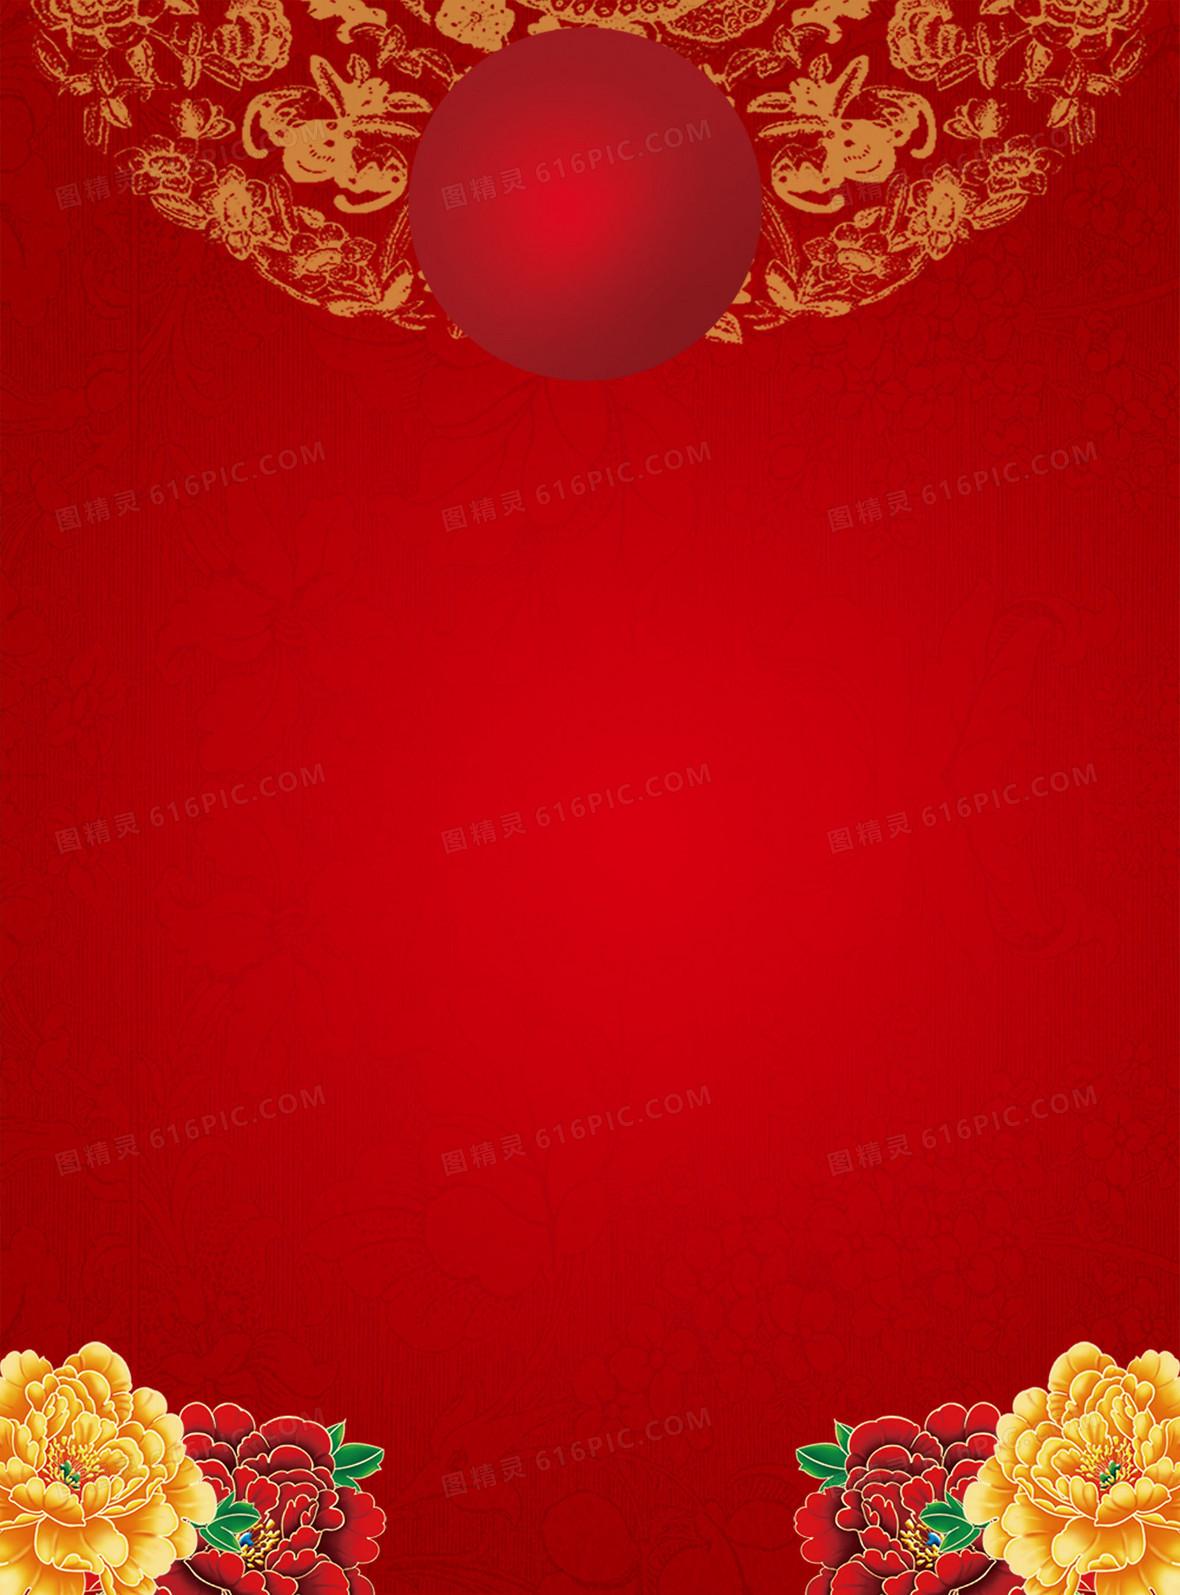 红色喜庆元旦新年贺卡海报背景素材